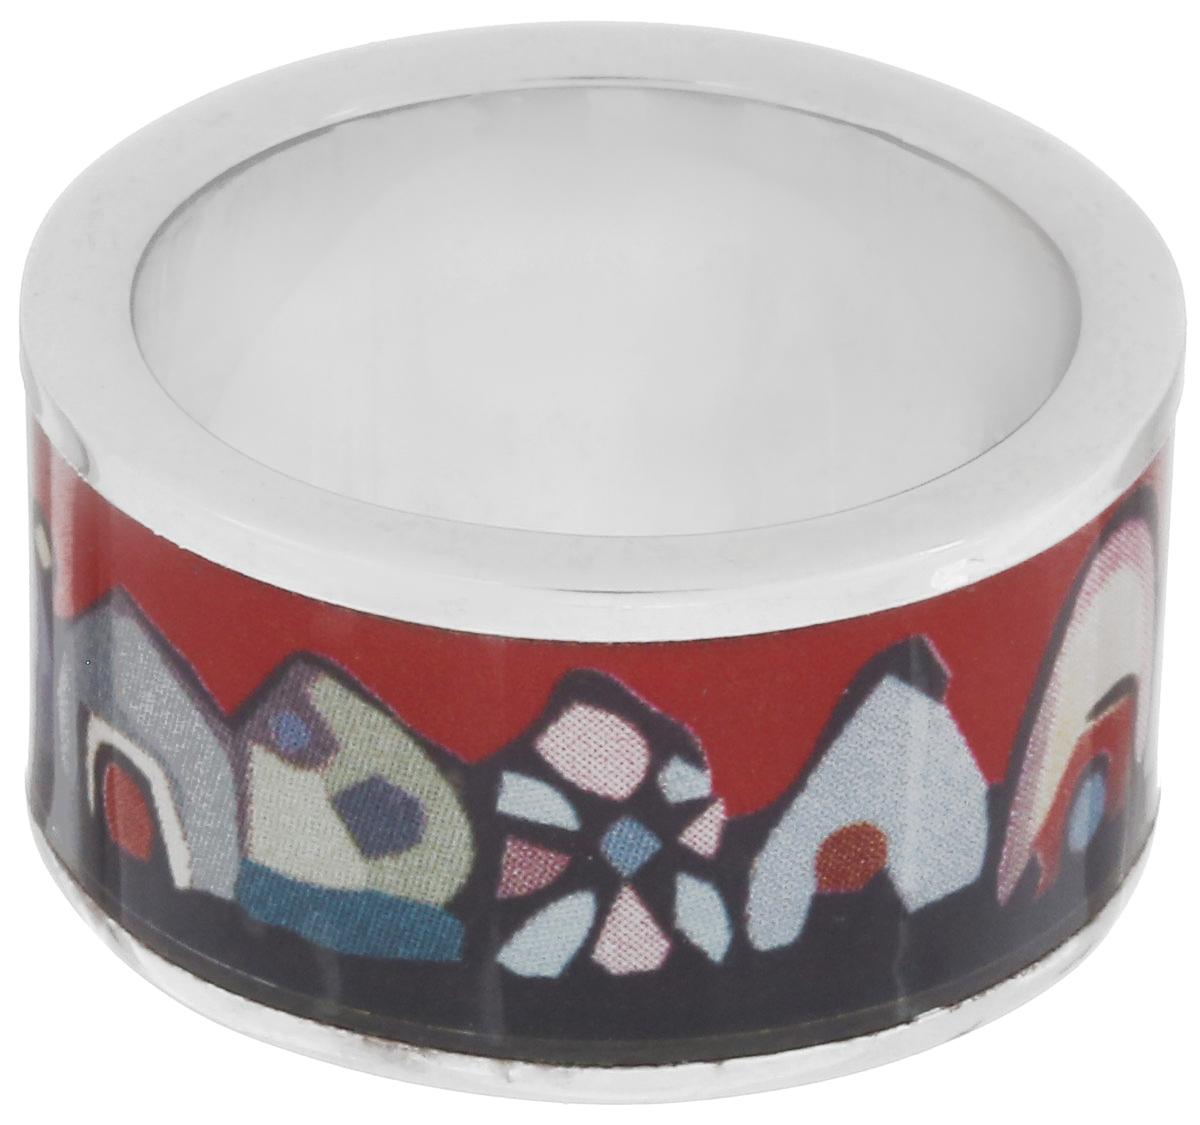 Кольцо Art-Silver, цвет: серебристый, красный, мультиколор. ФК107-1-320. Размер 17,5ФК107-1-320Великолепное кольцо Art-Silver изготовлено из бижутерного сплава. Изделие с покрытием из эмали оформлено изображением забавных домиков. Стильное кольцо придаст вашему образу изюминку и подчеркнет индивидуальность.